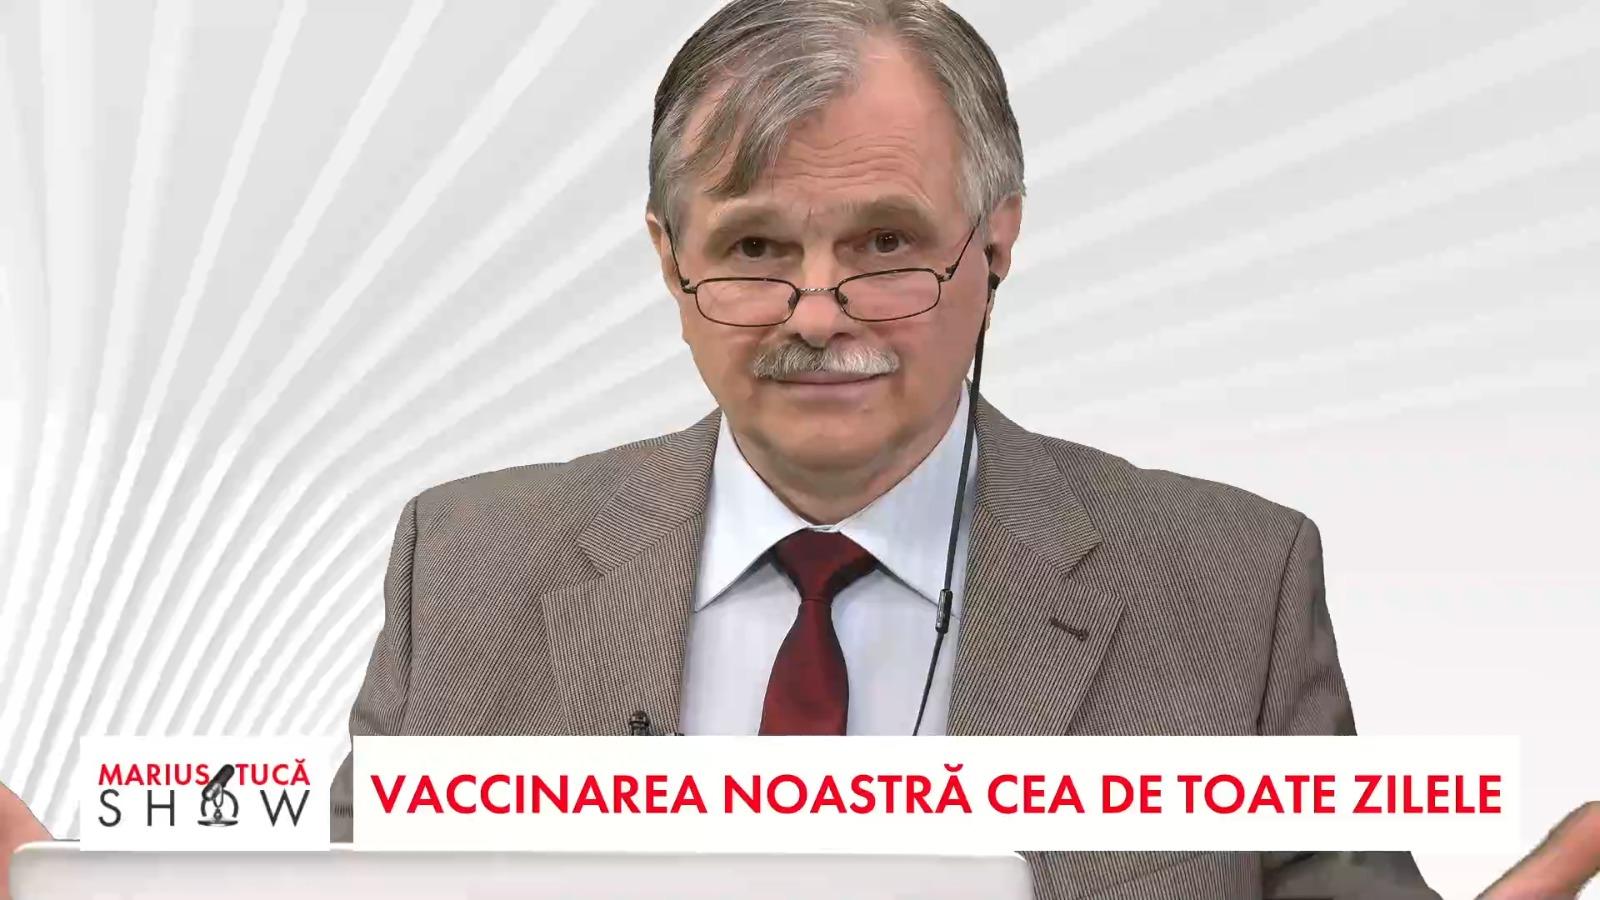 """Valentin Stan: """"Un om dintr-un milion moare din cauza vaccinului. Despre asta nu prea vi se spune. De ce?"""""""